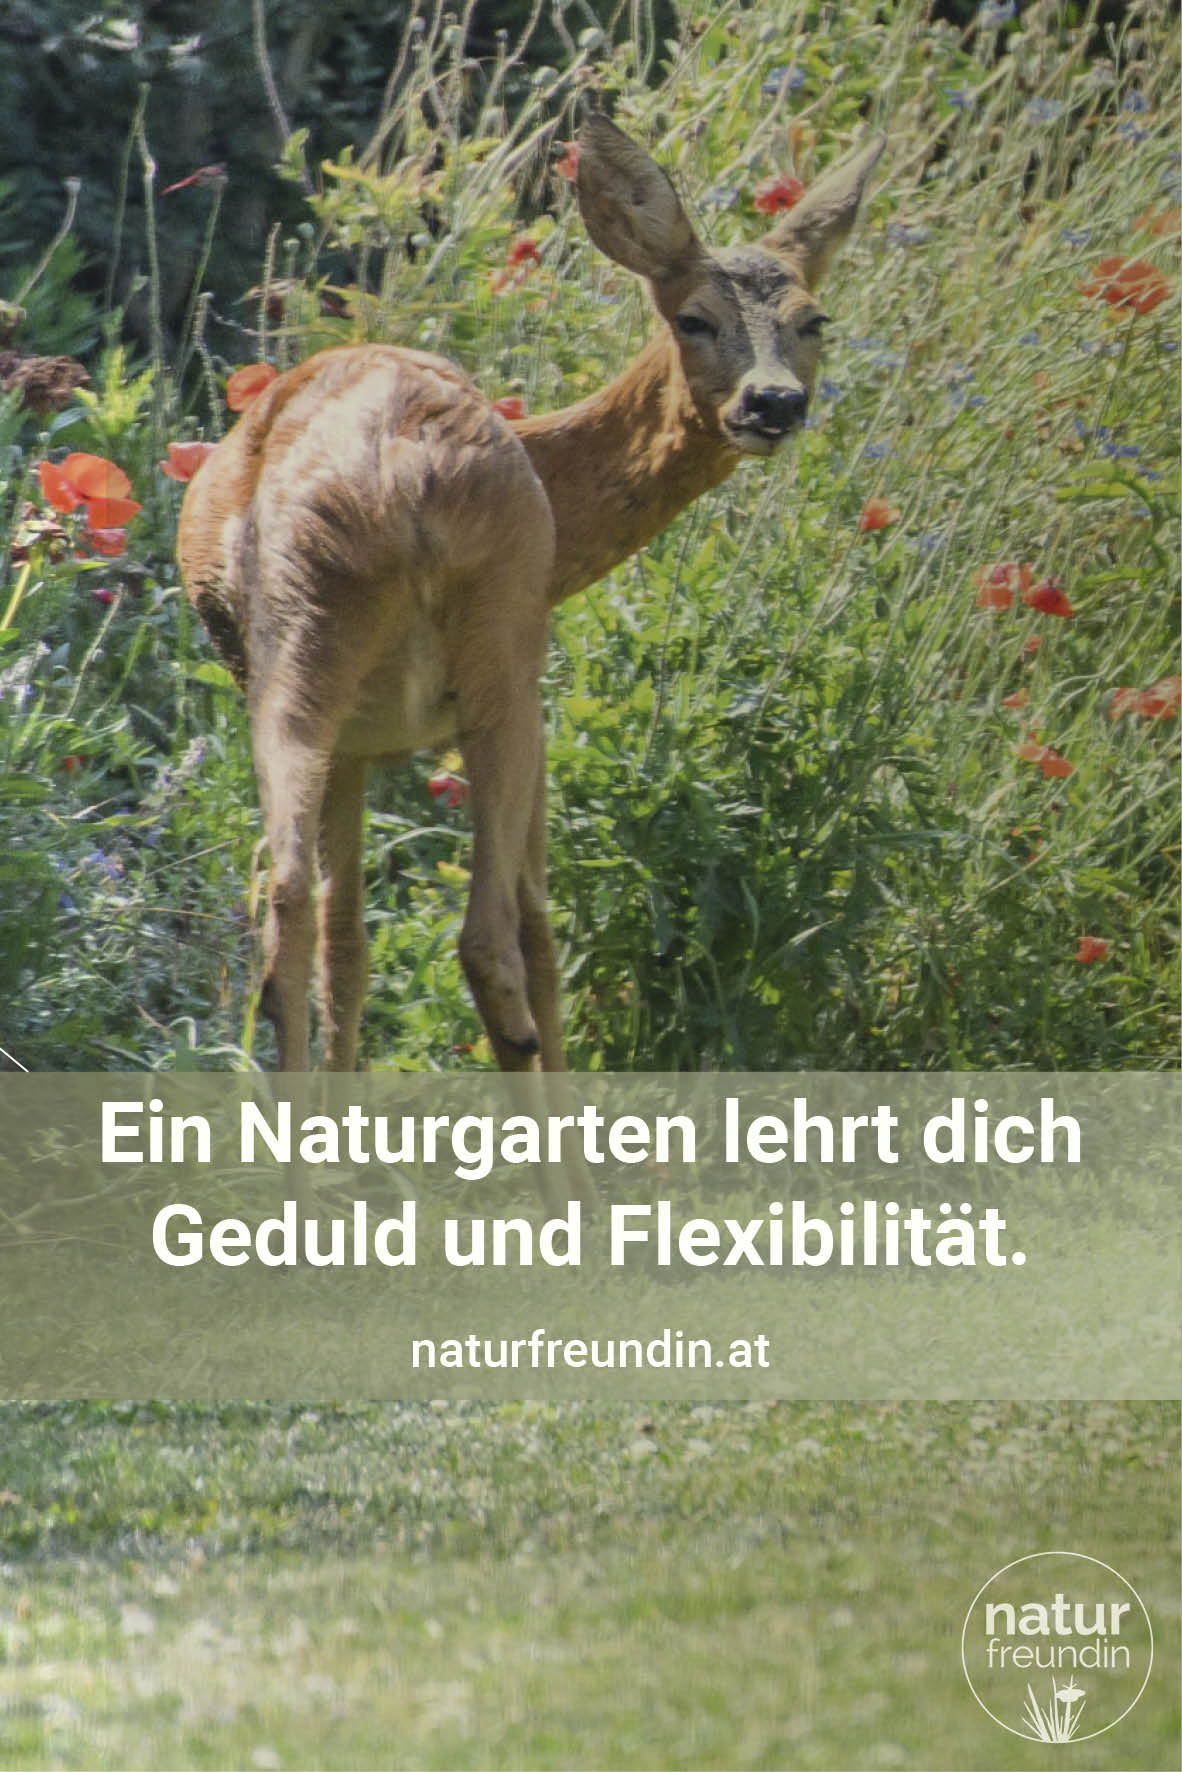 Gartenspruch Naturfreundin